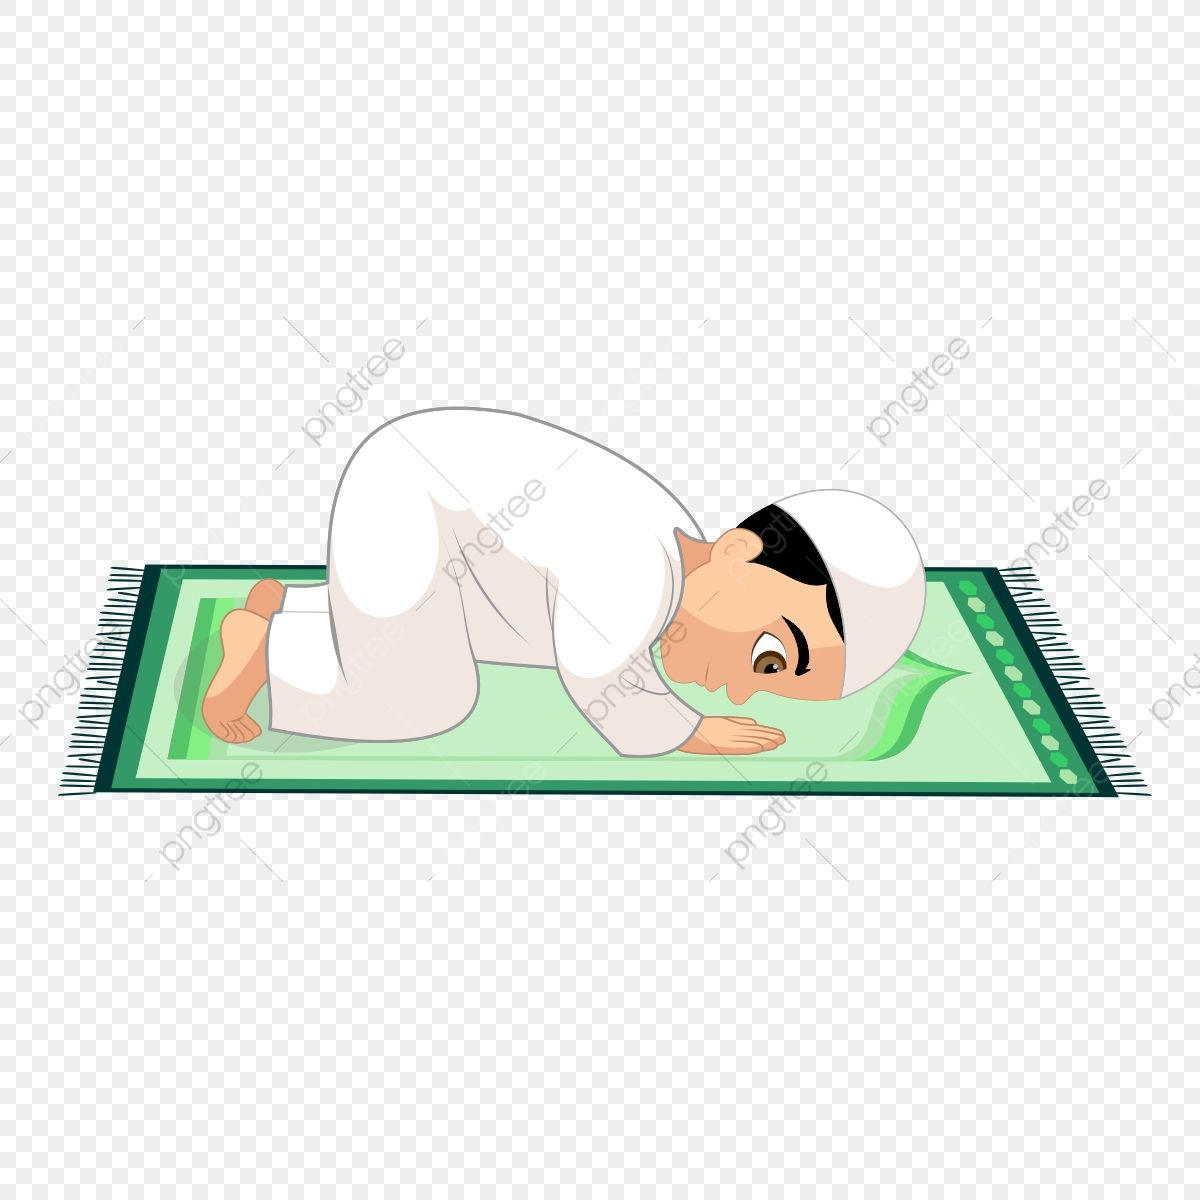 دليل خطوة بخطوة صلاة المسلمين خطوات الصلاة سجد الصلاة مسلم دعاء Png صورة للتحميل مجانا Muslim Prayer Prayer Clipart Prayers